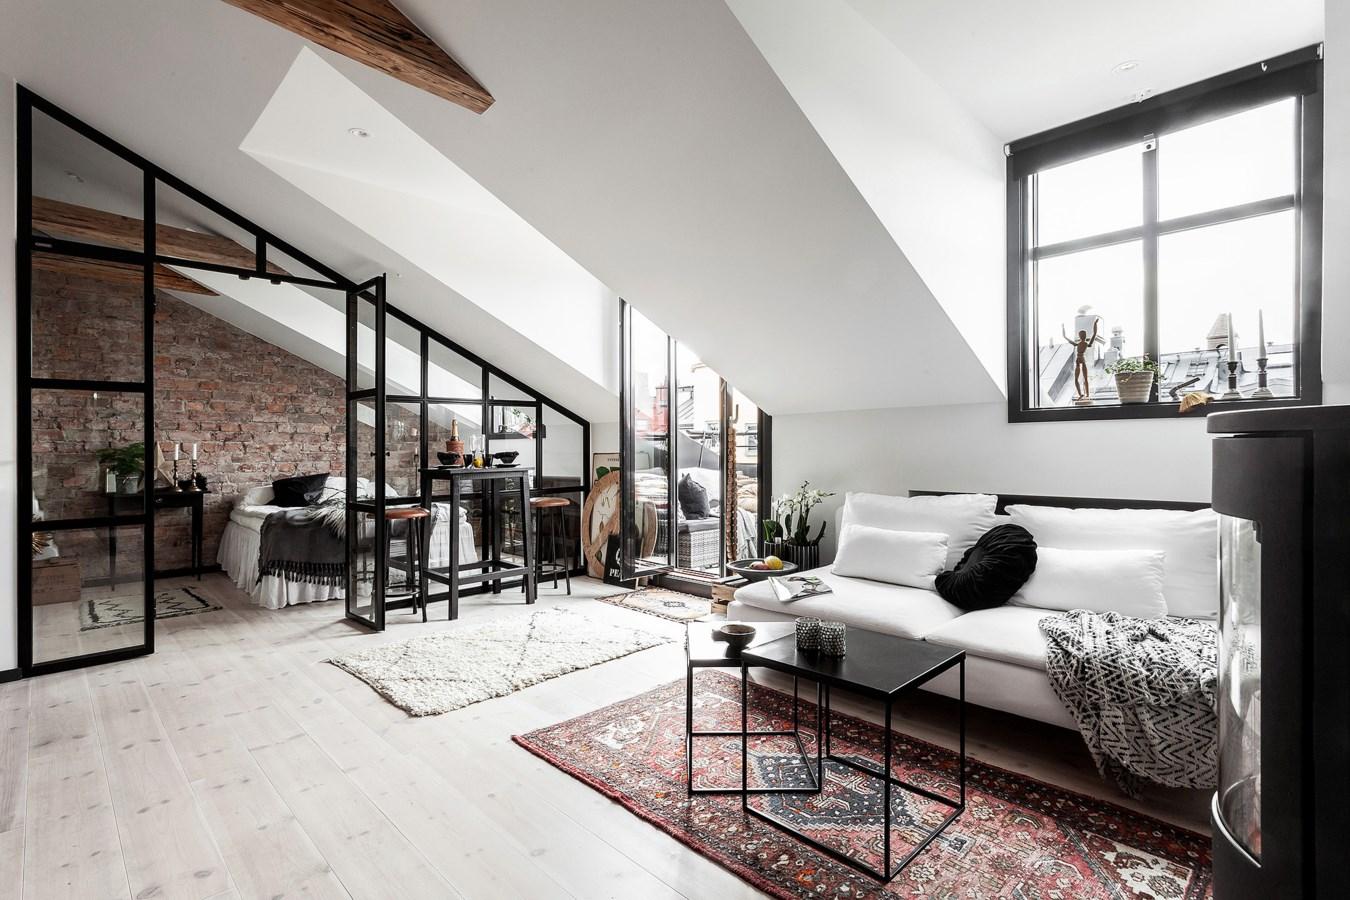 Perete de sticlă între dormitor și living